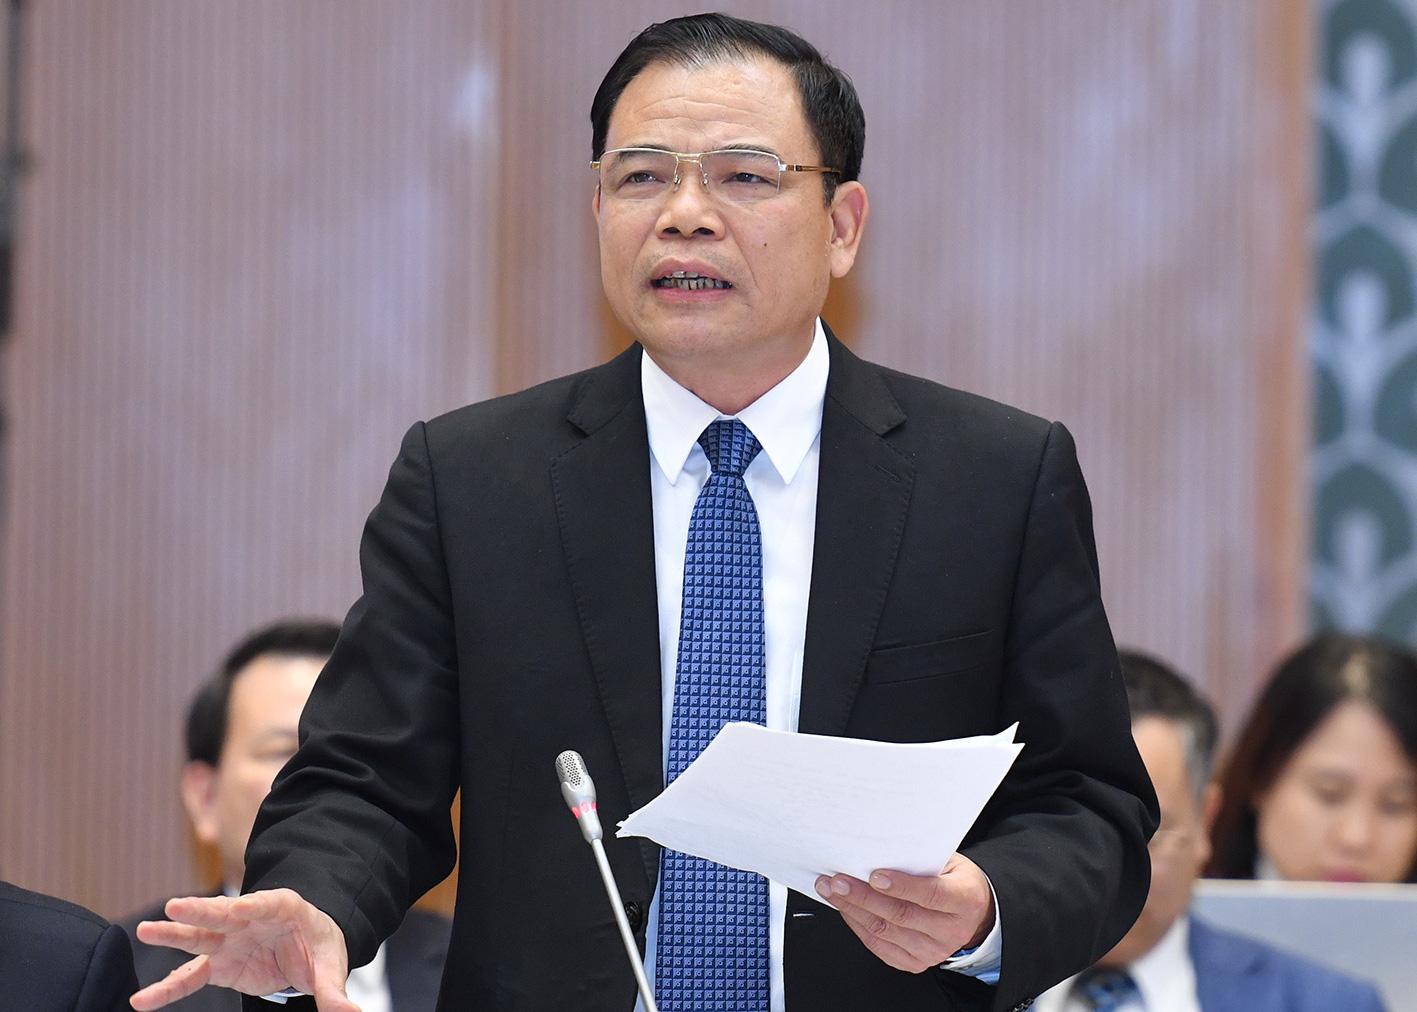 Heo hơi 75.000 đồng/kg đã lãi cao, Bộ trưởng Nguyễn Xuân Cường yêu cầu dứt khoát 17 tập đoàn phải giảm giá - Ảnh 1.